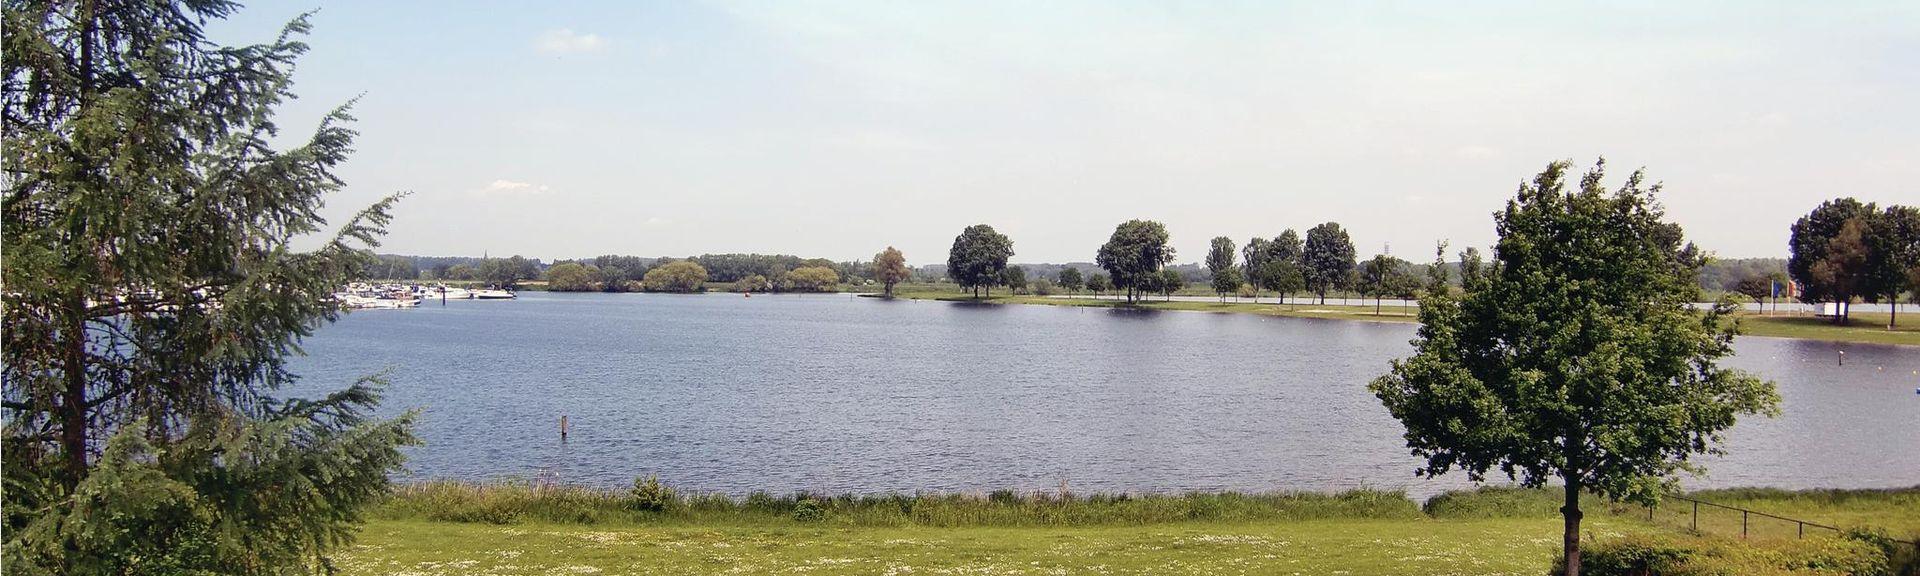 Stramproy, Limburg, Nederland